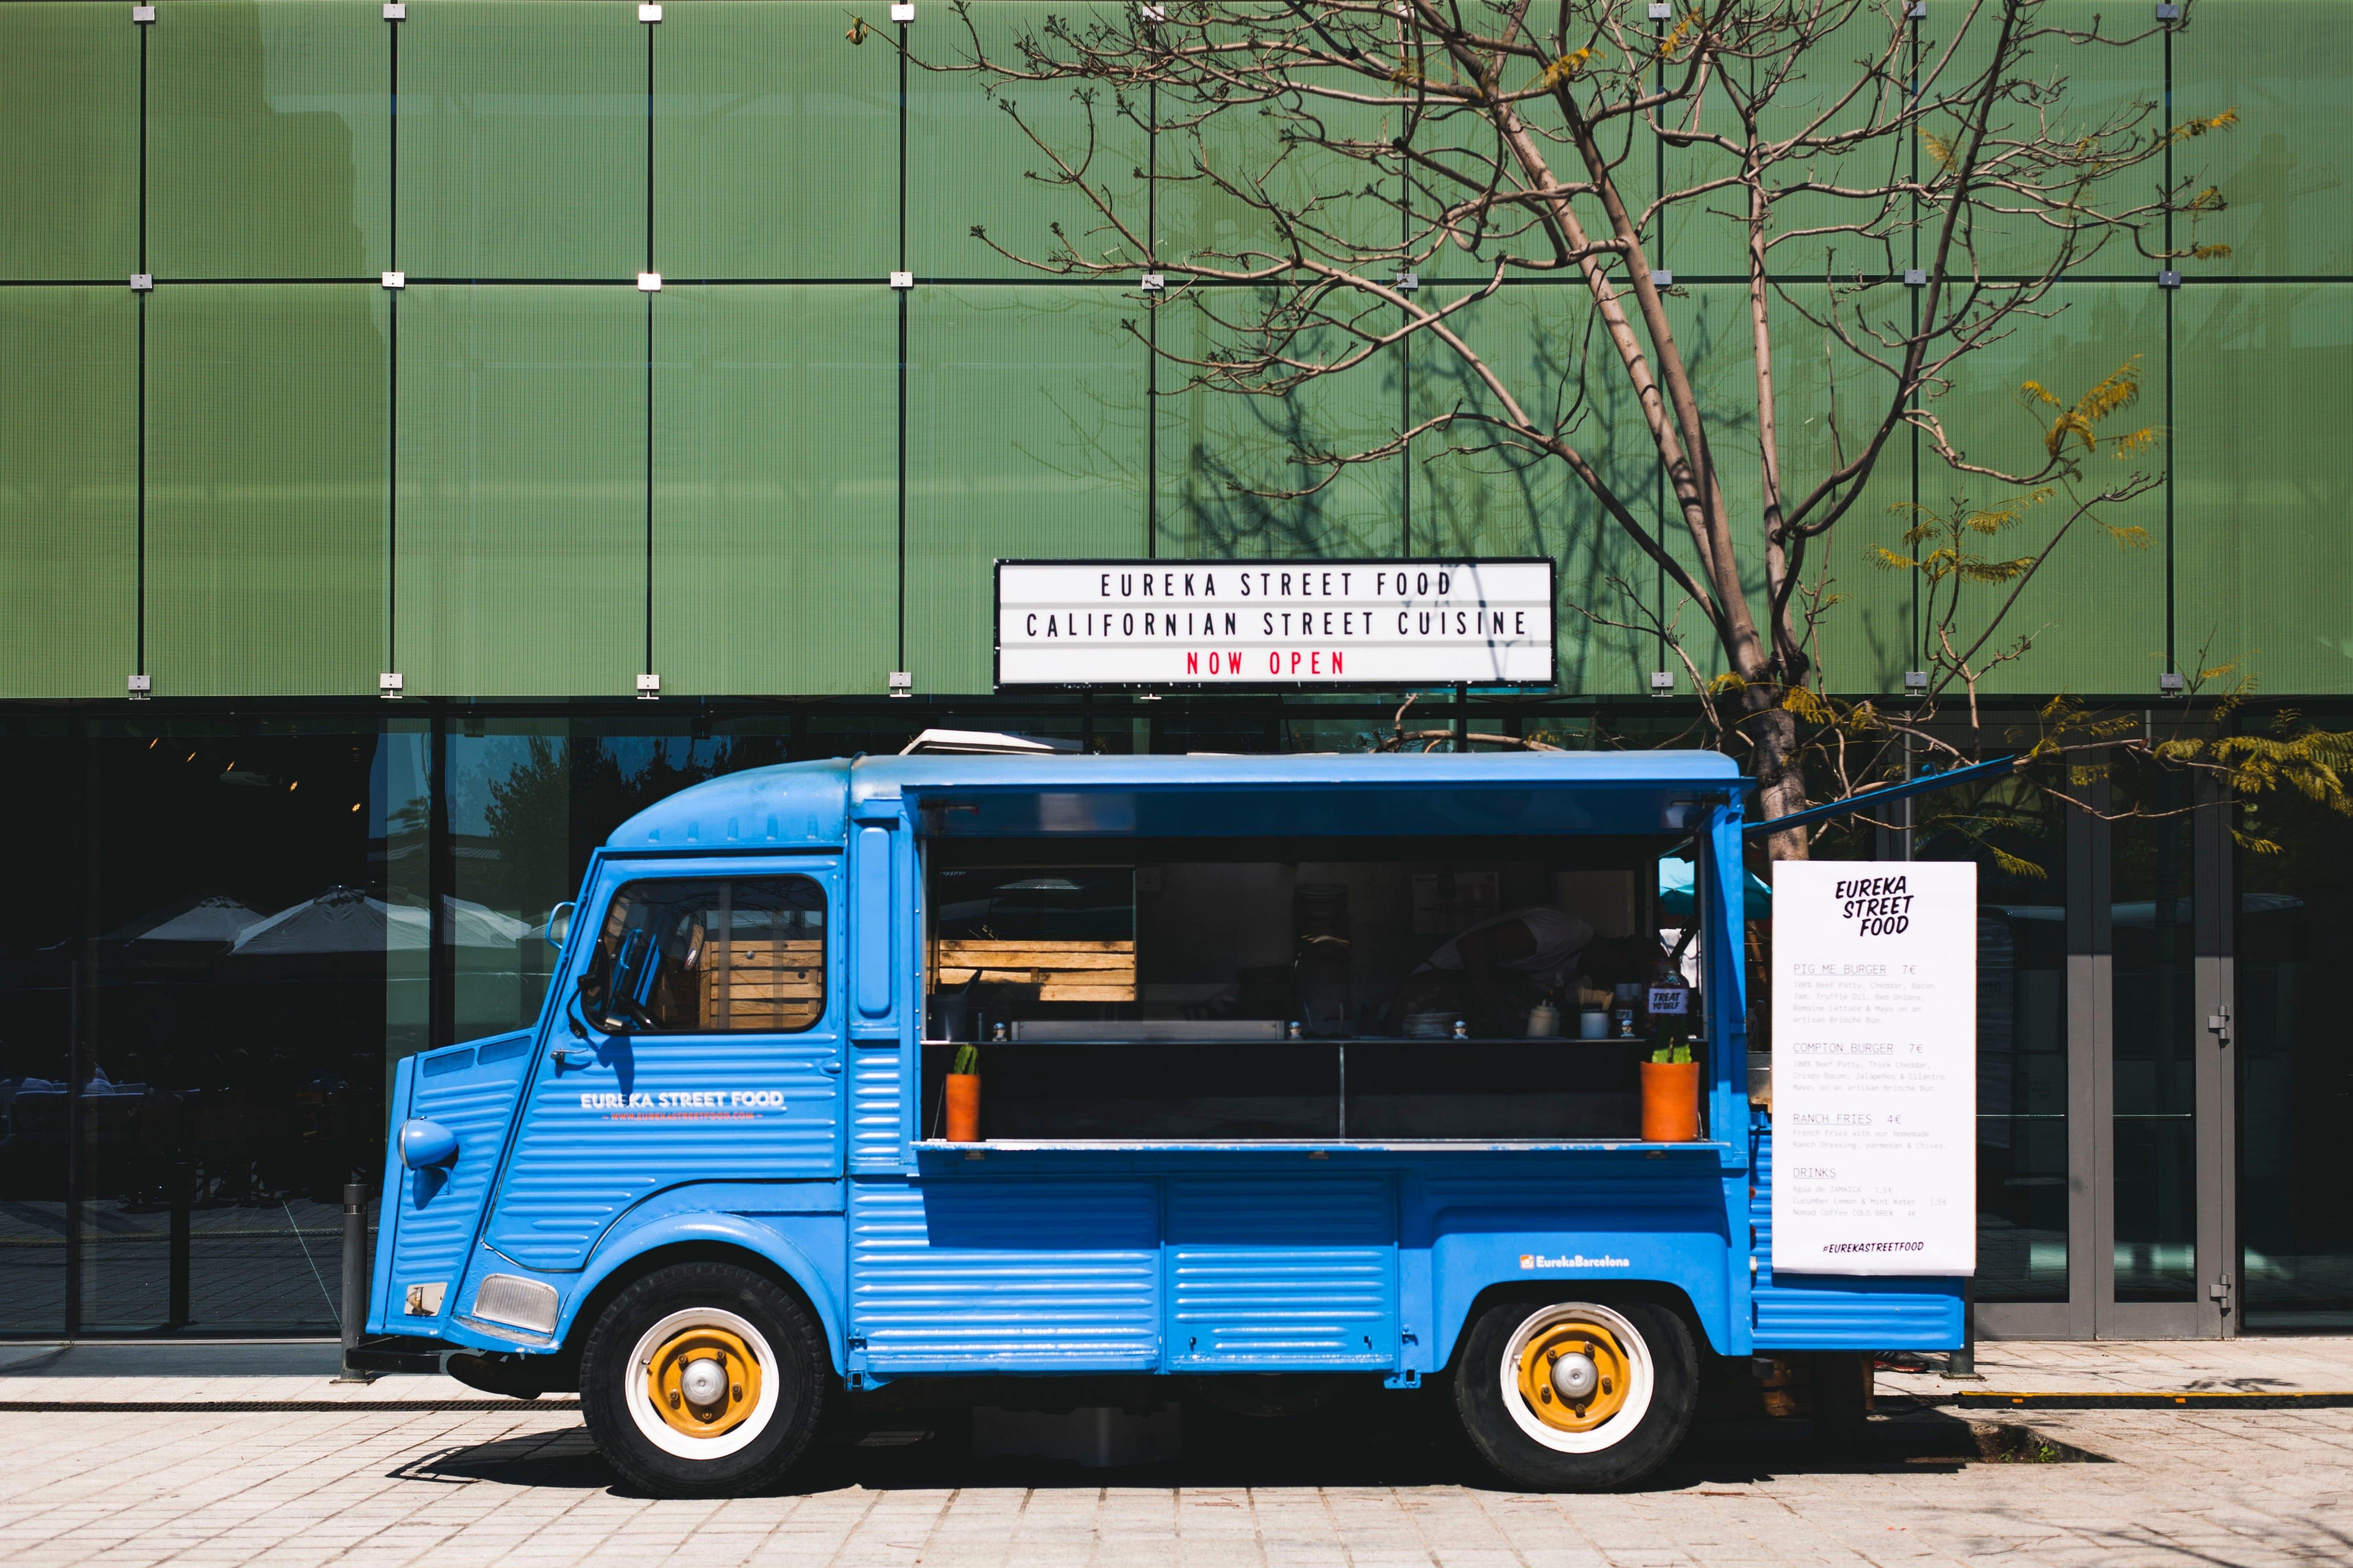 Comment ouvrir et monter un Food truck ? 1